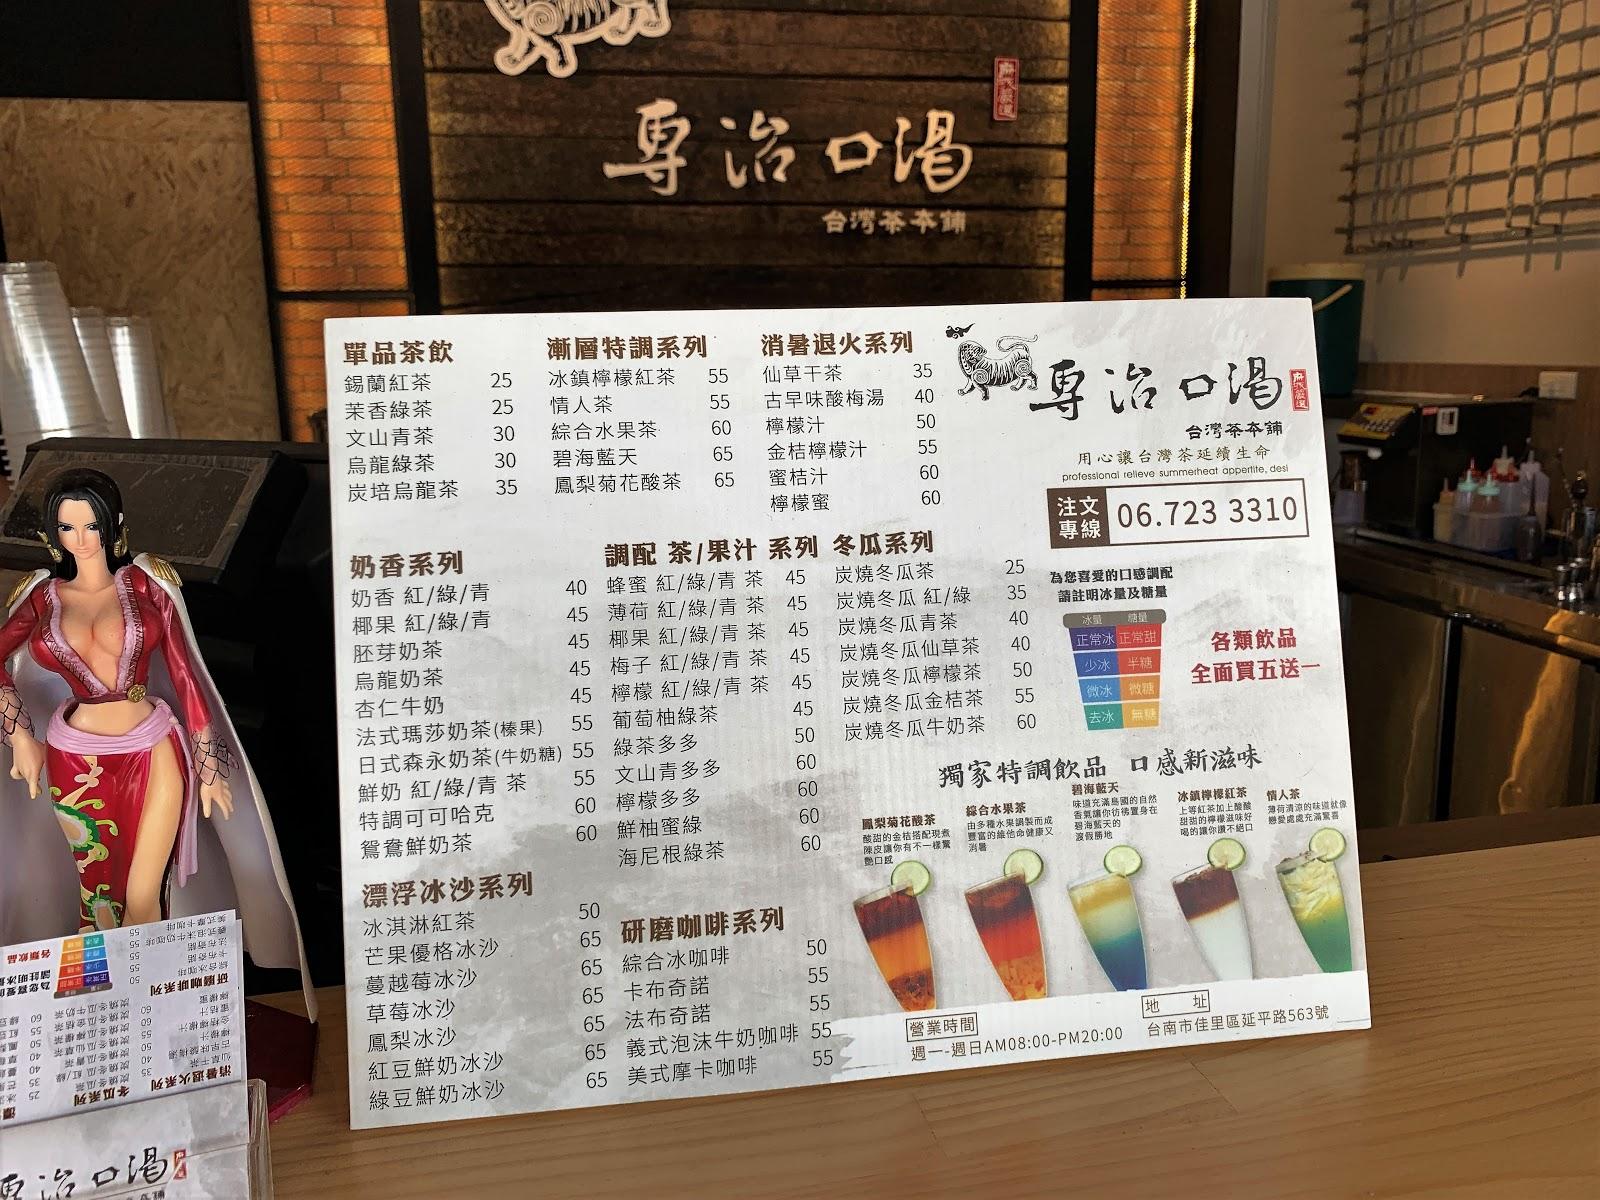 台南美食專治口渴菜單介紹